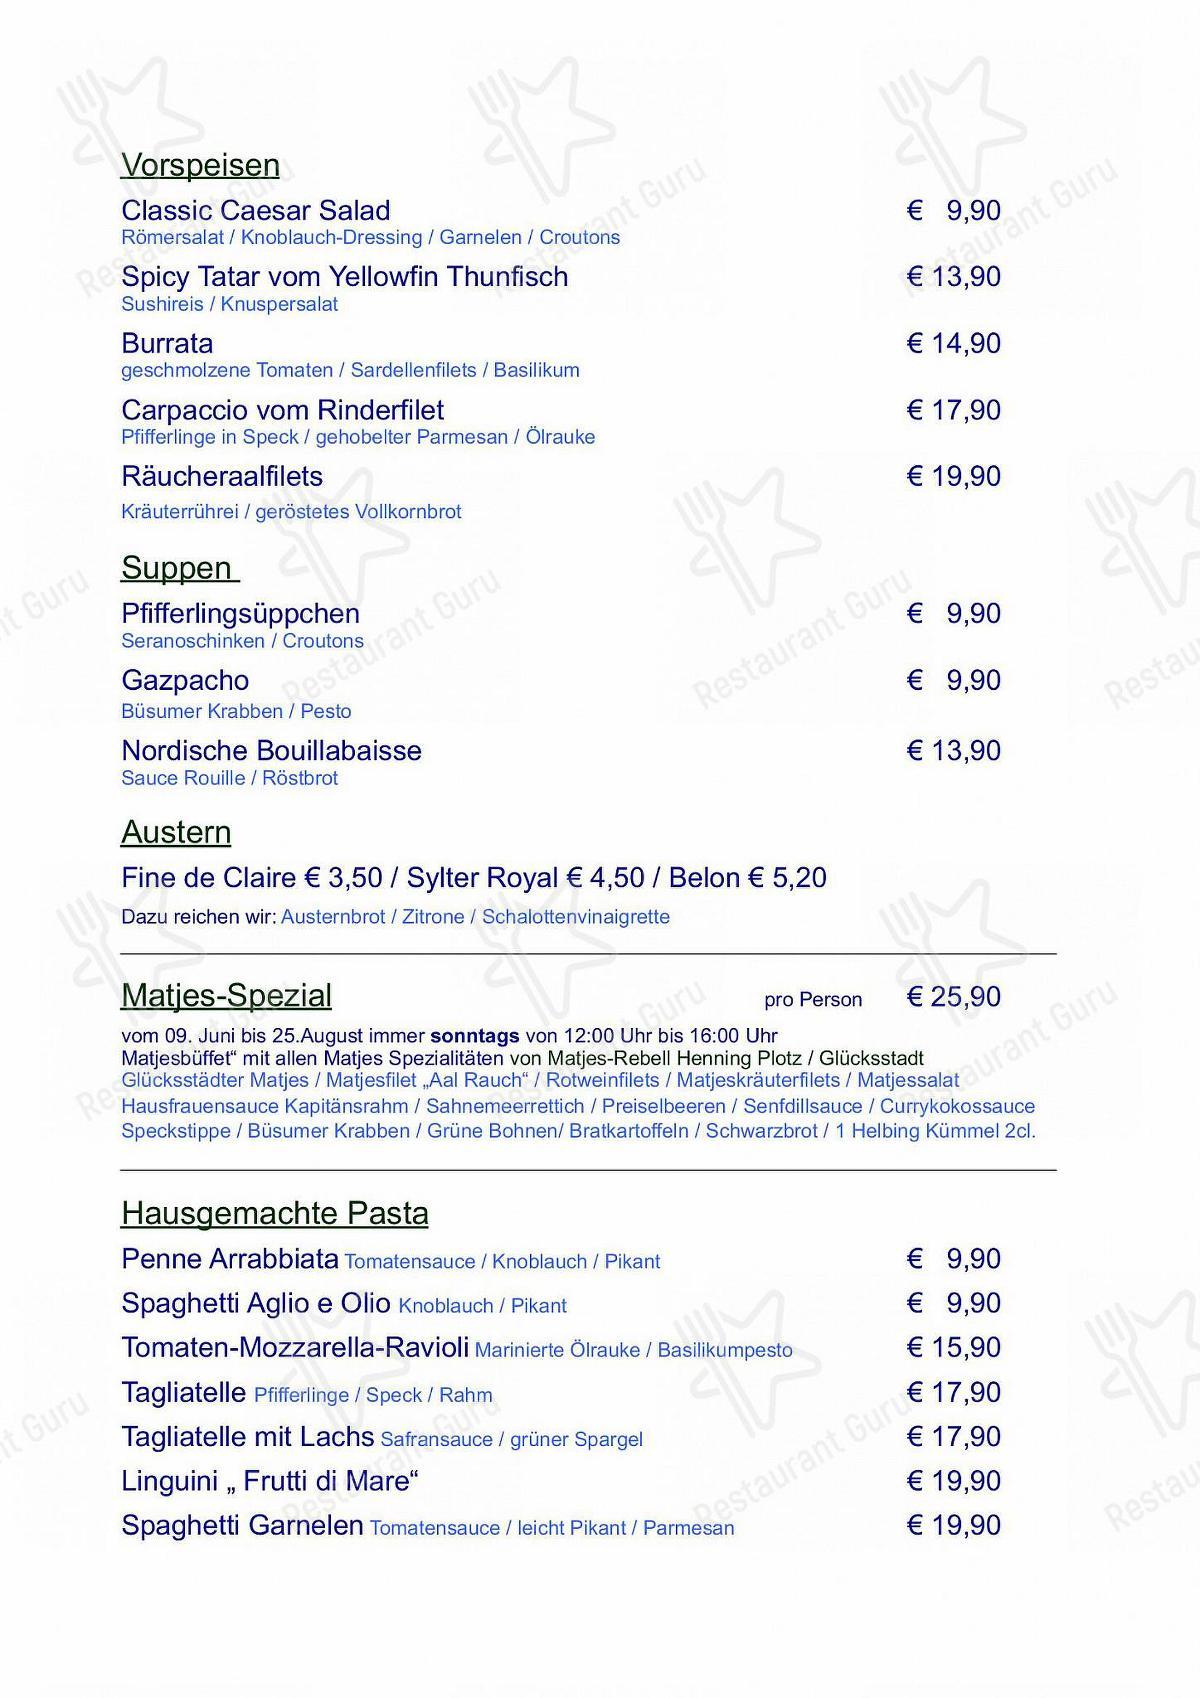 Marlin Speisekarte - Gerichte und Getränke